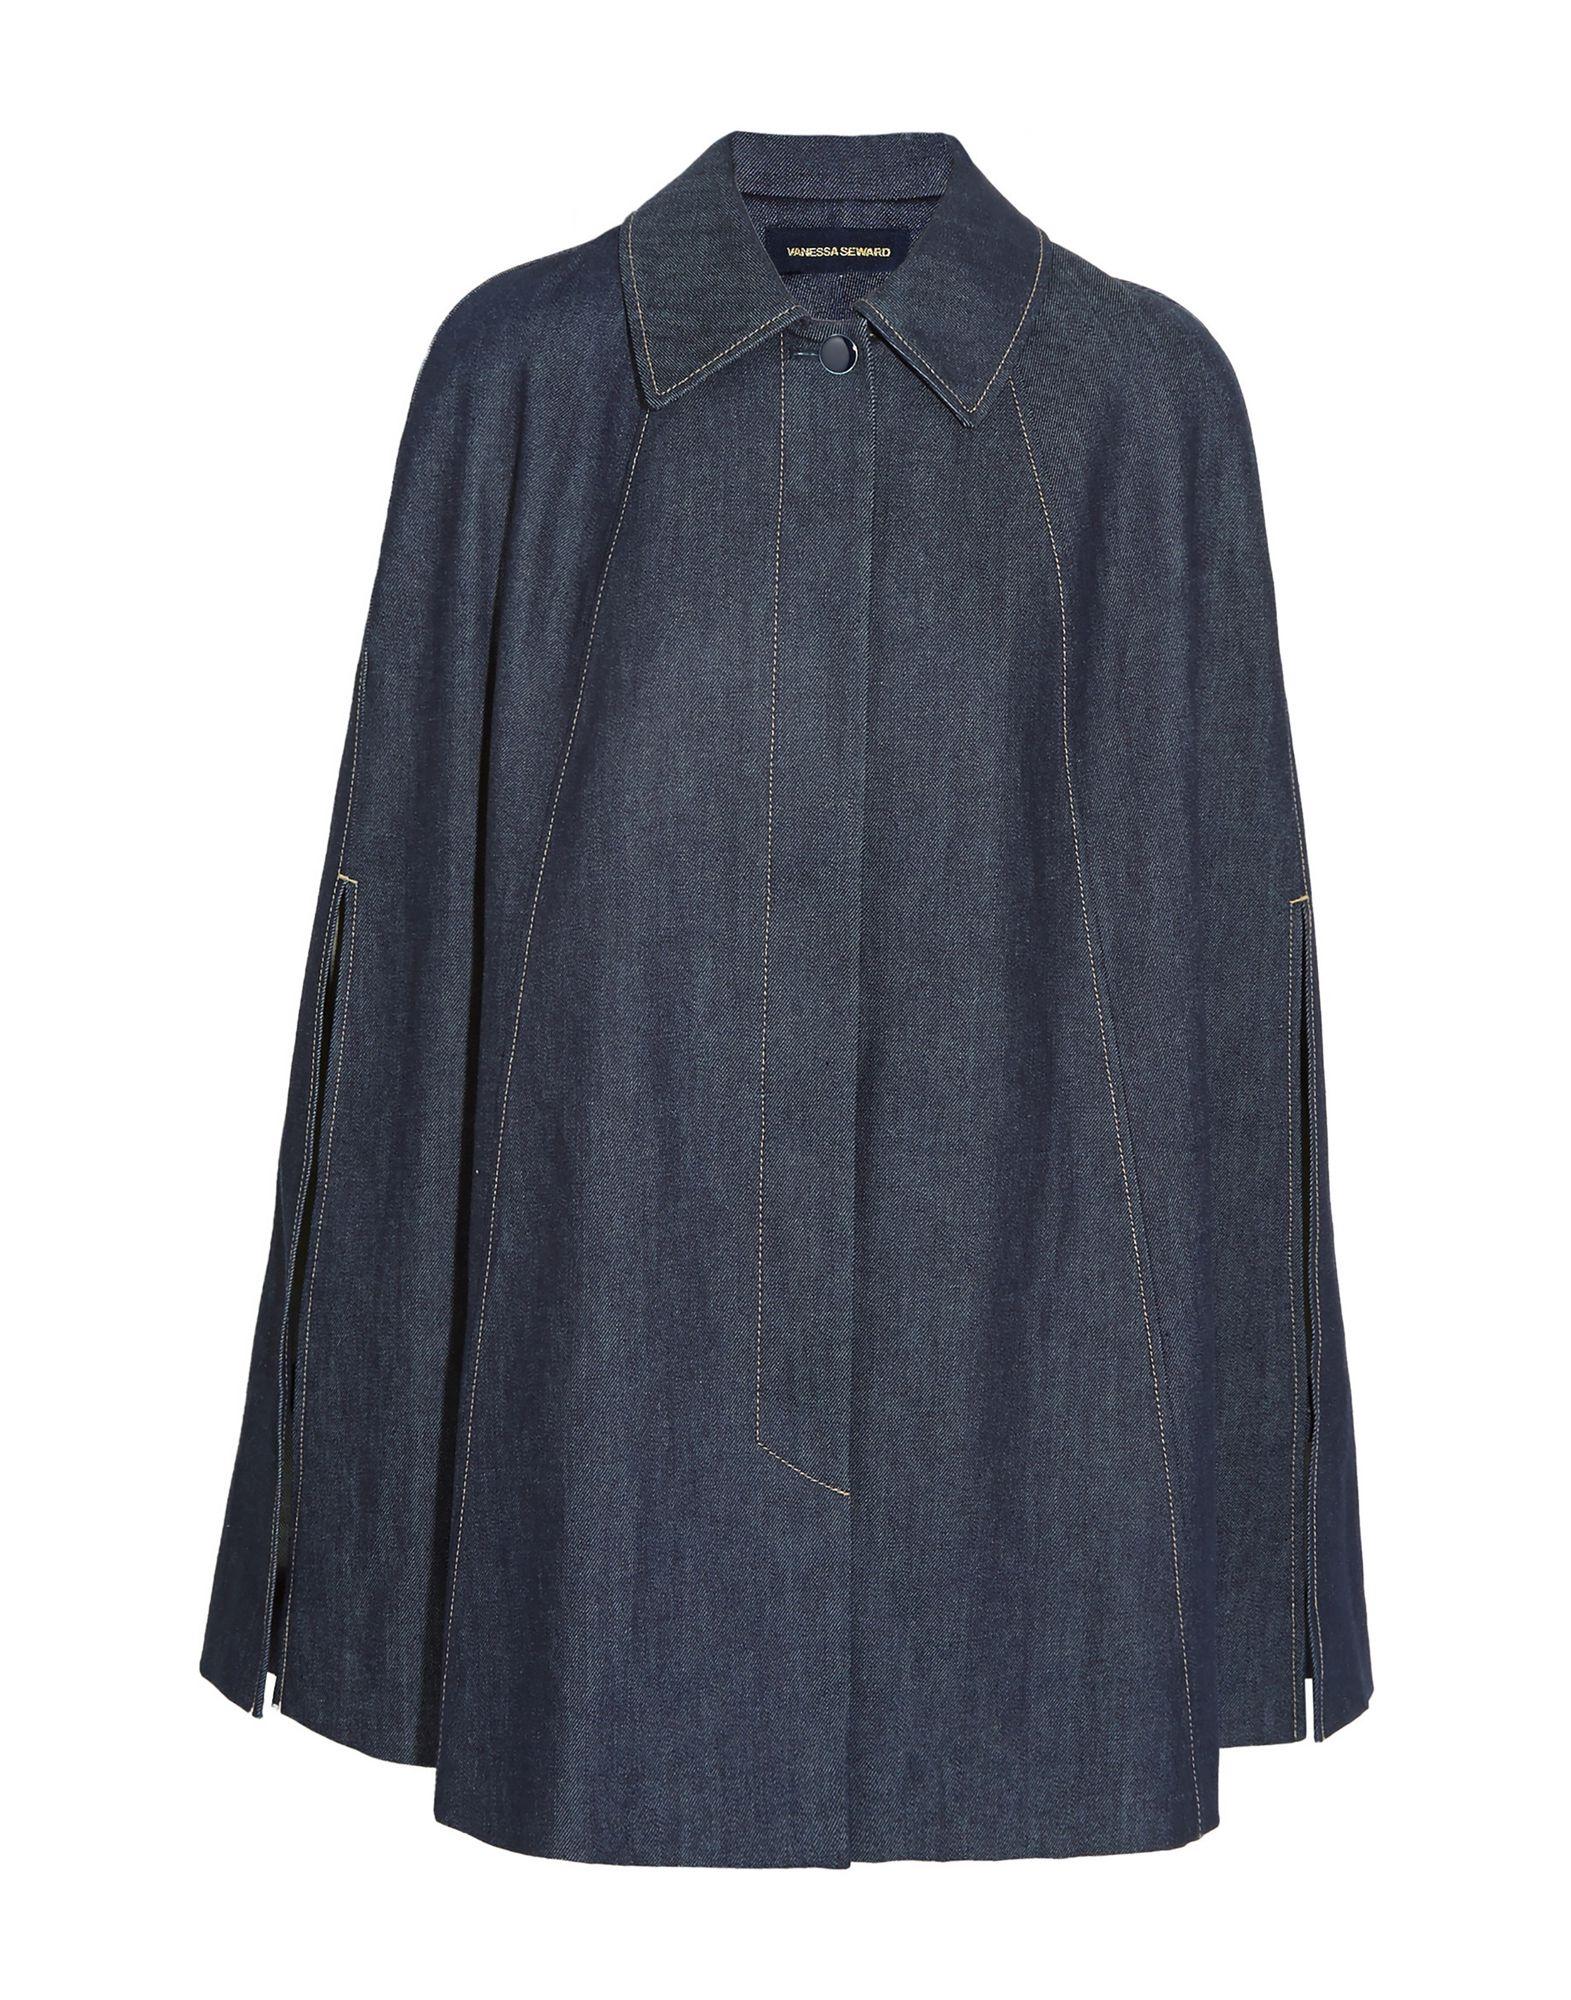 VANESSA SEWARD Джинсовая верхняя одежда верхняя одежда